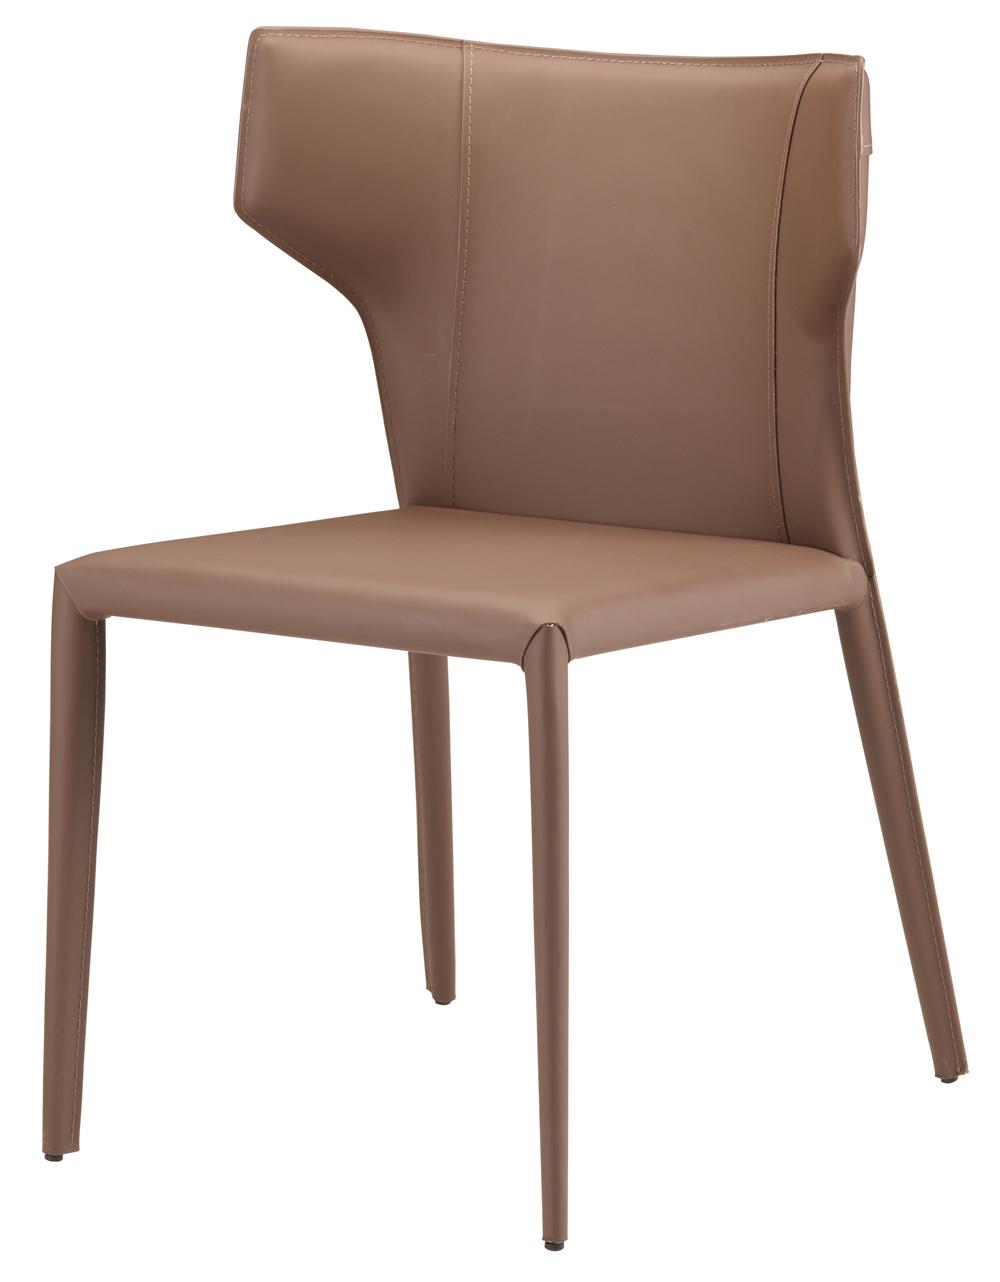 Nuevo - Wayne Dining Chair